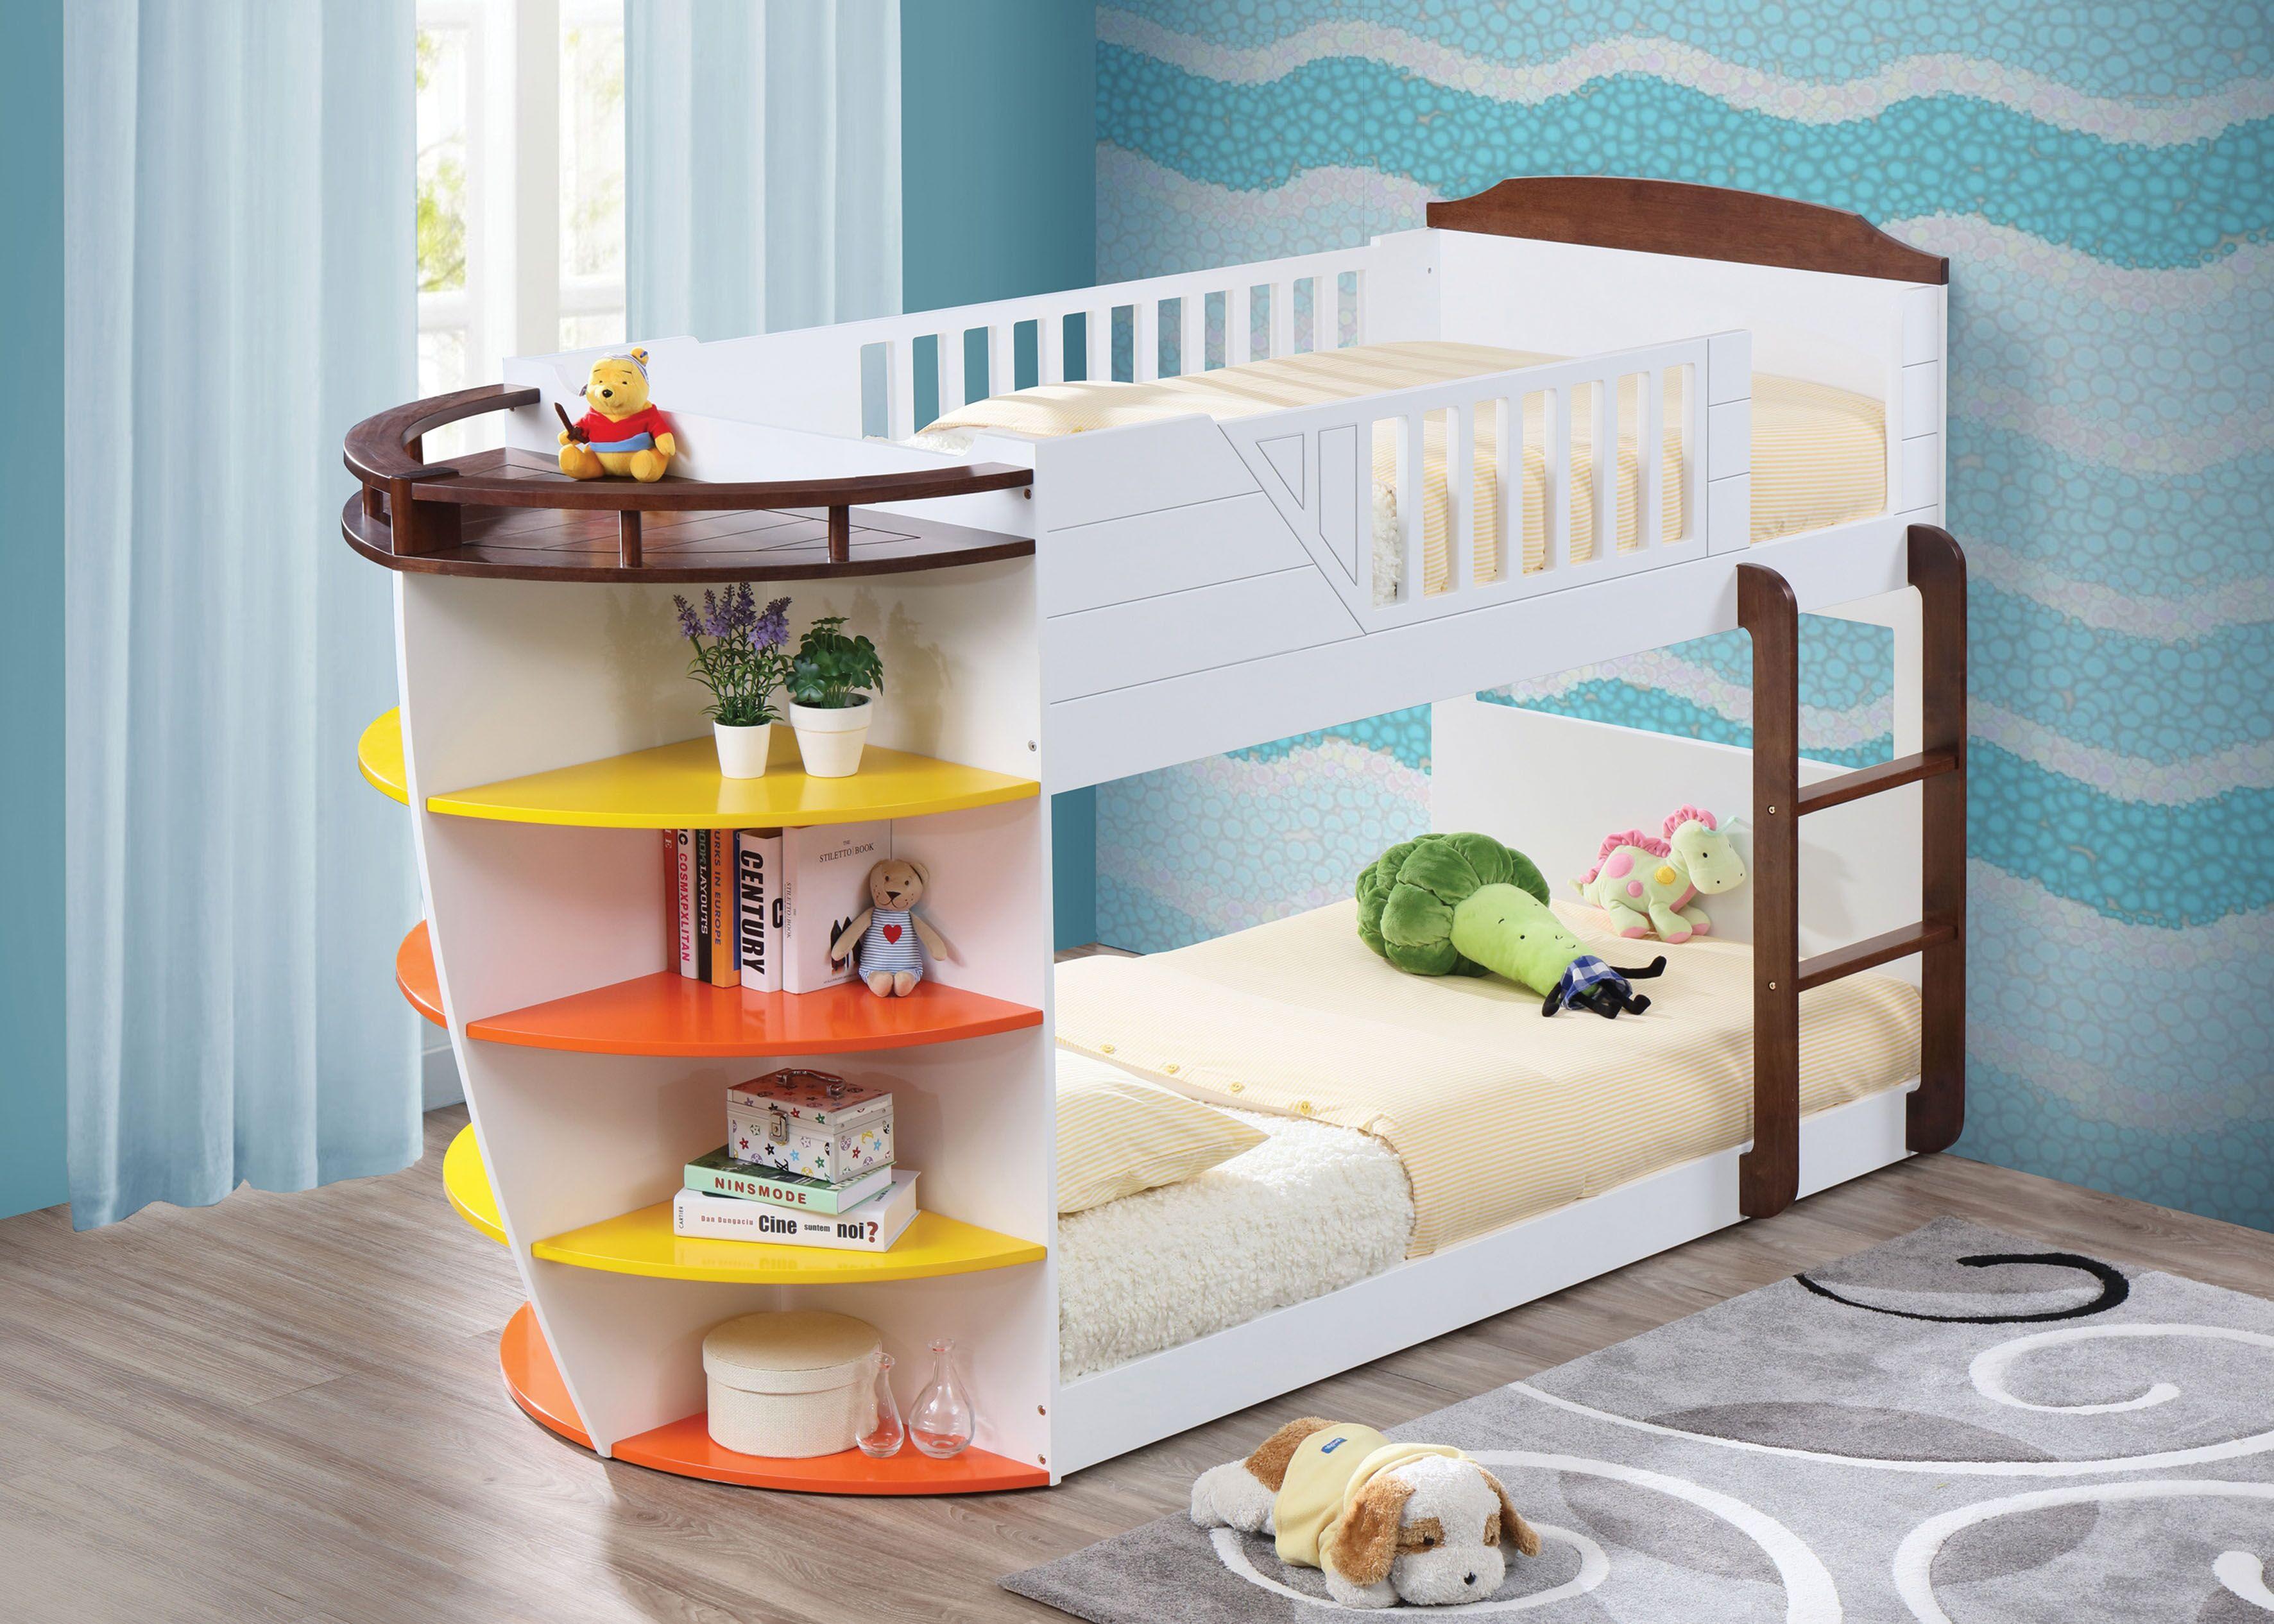 AC 37715 BOAT BUNK BED